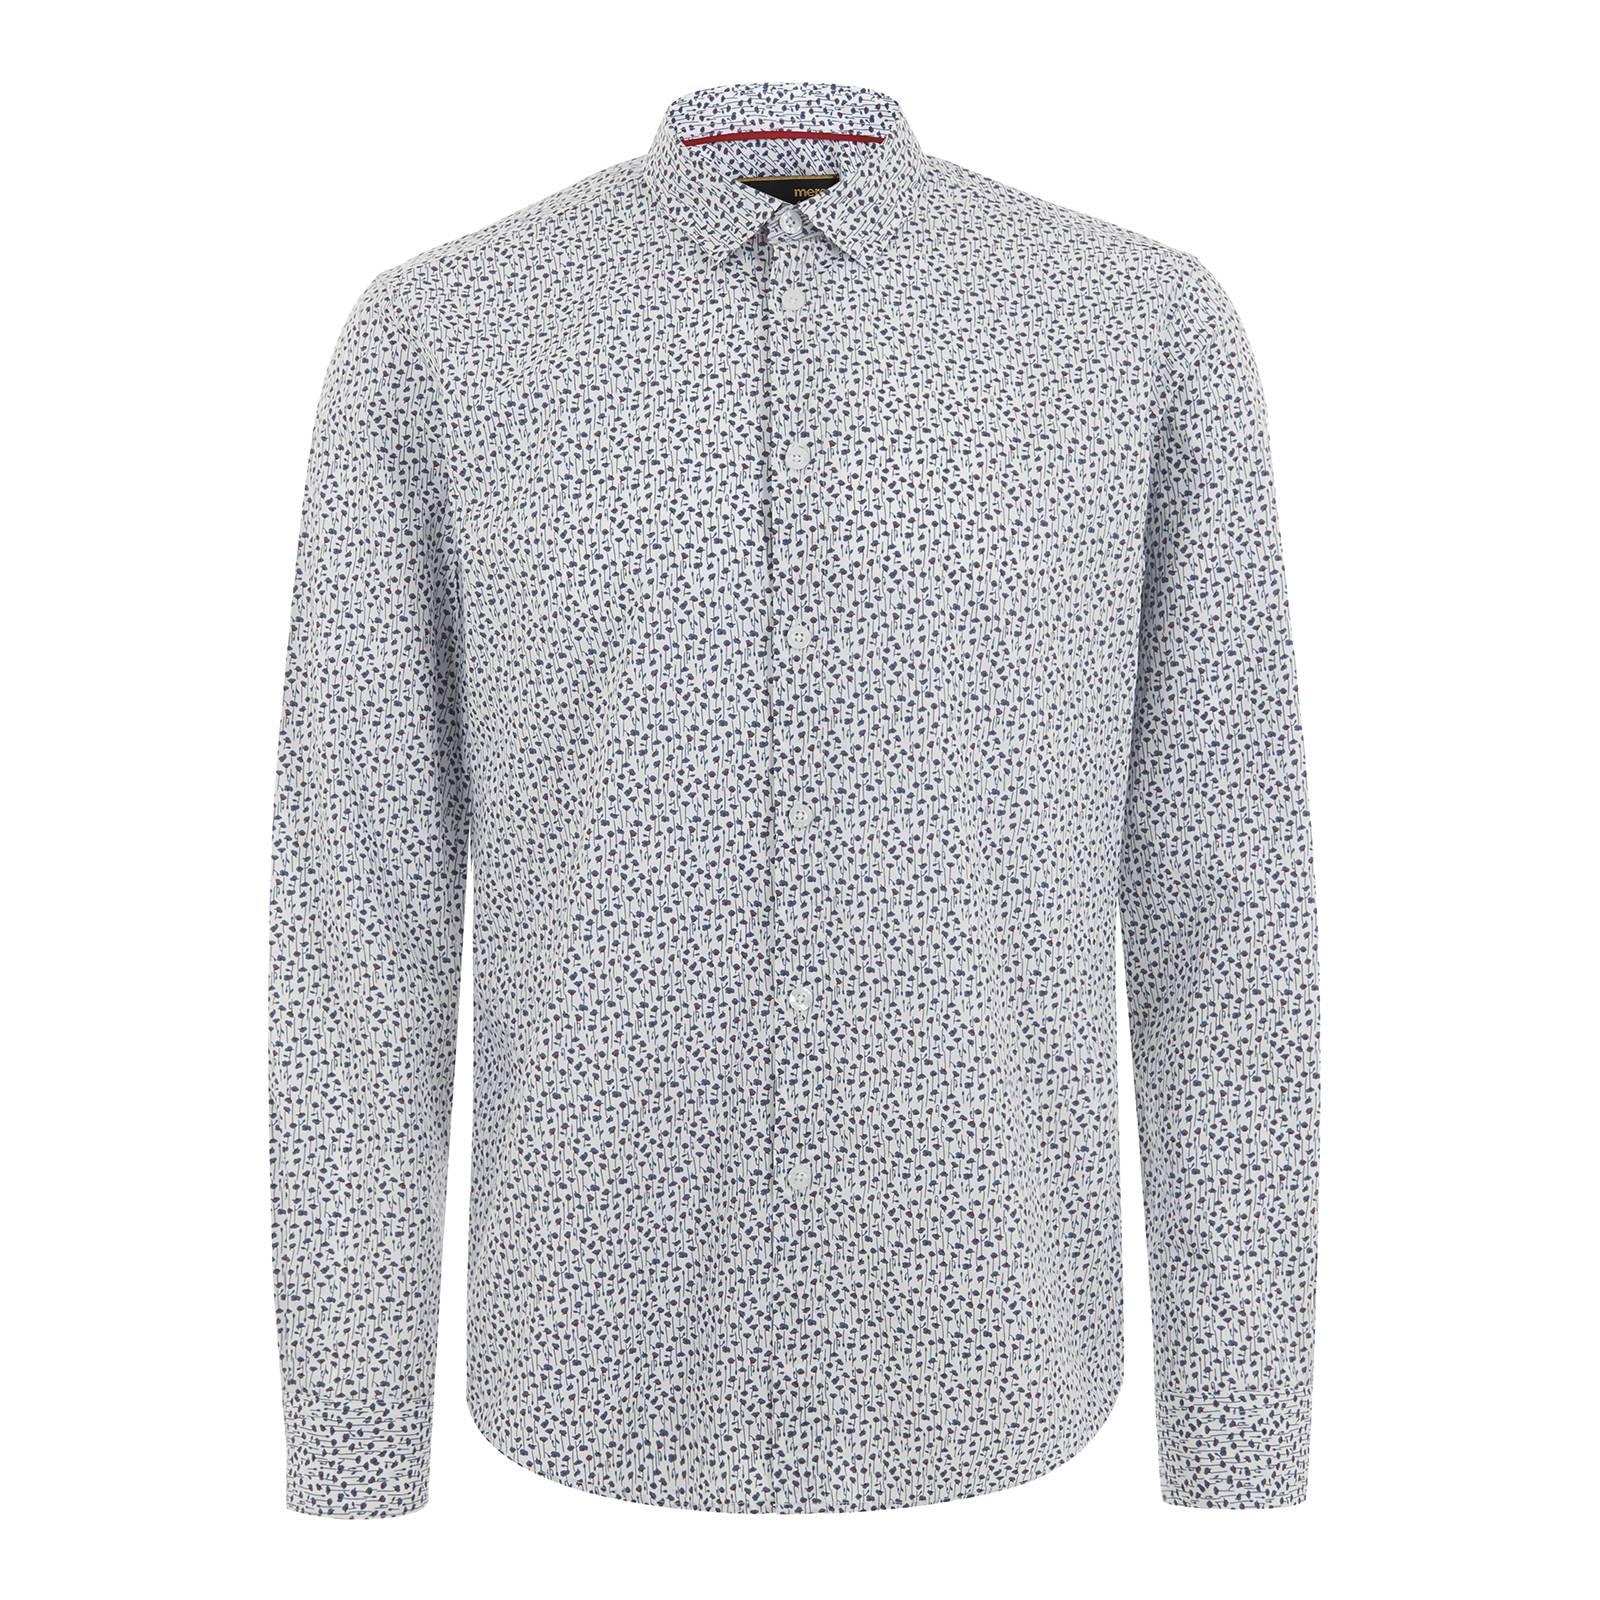 Рубашка Norton от MercLondon